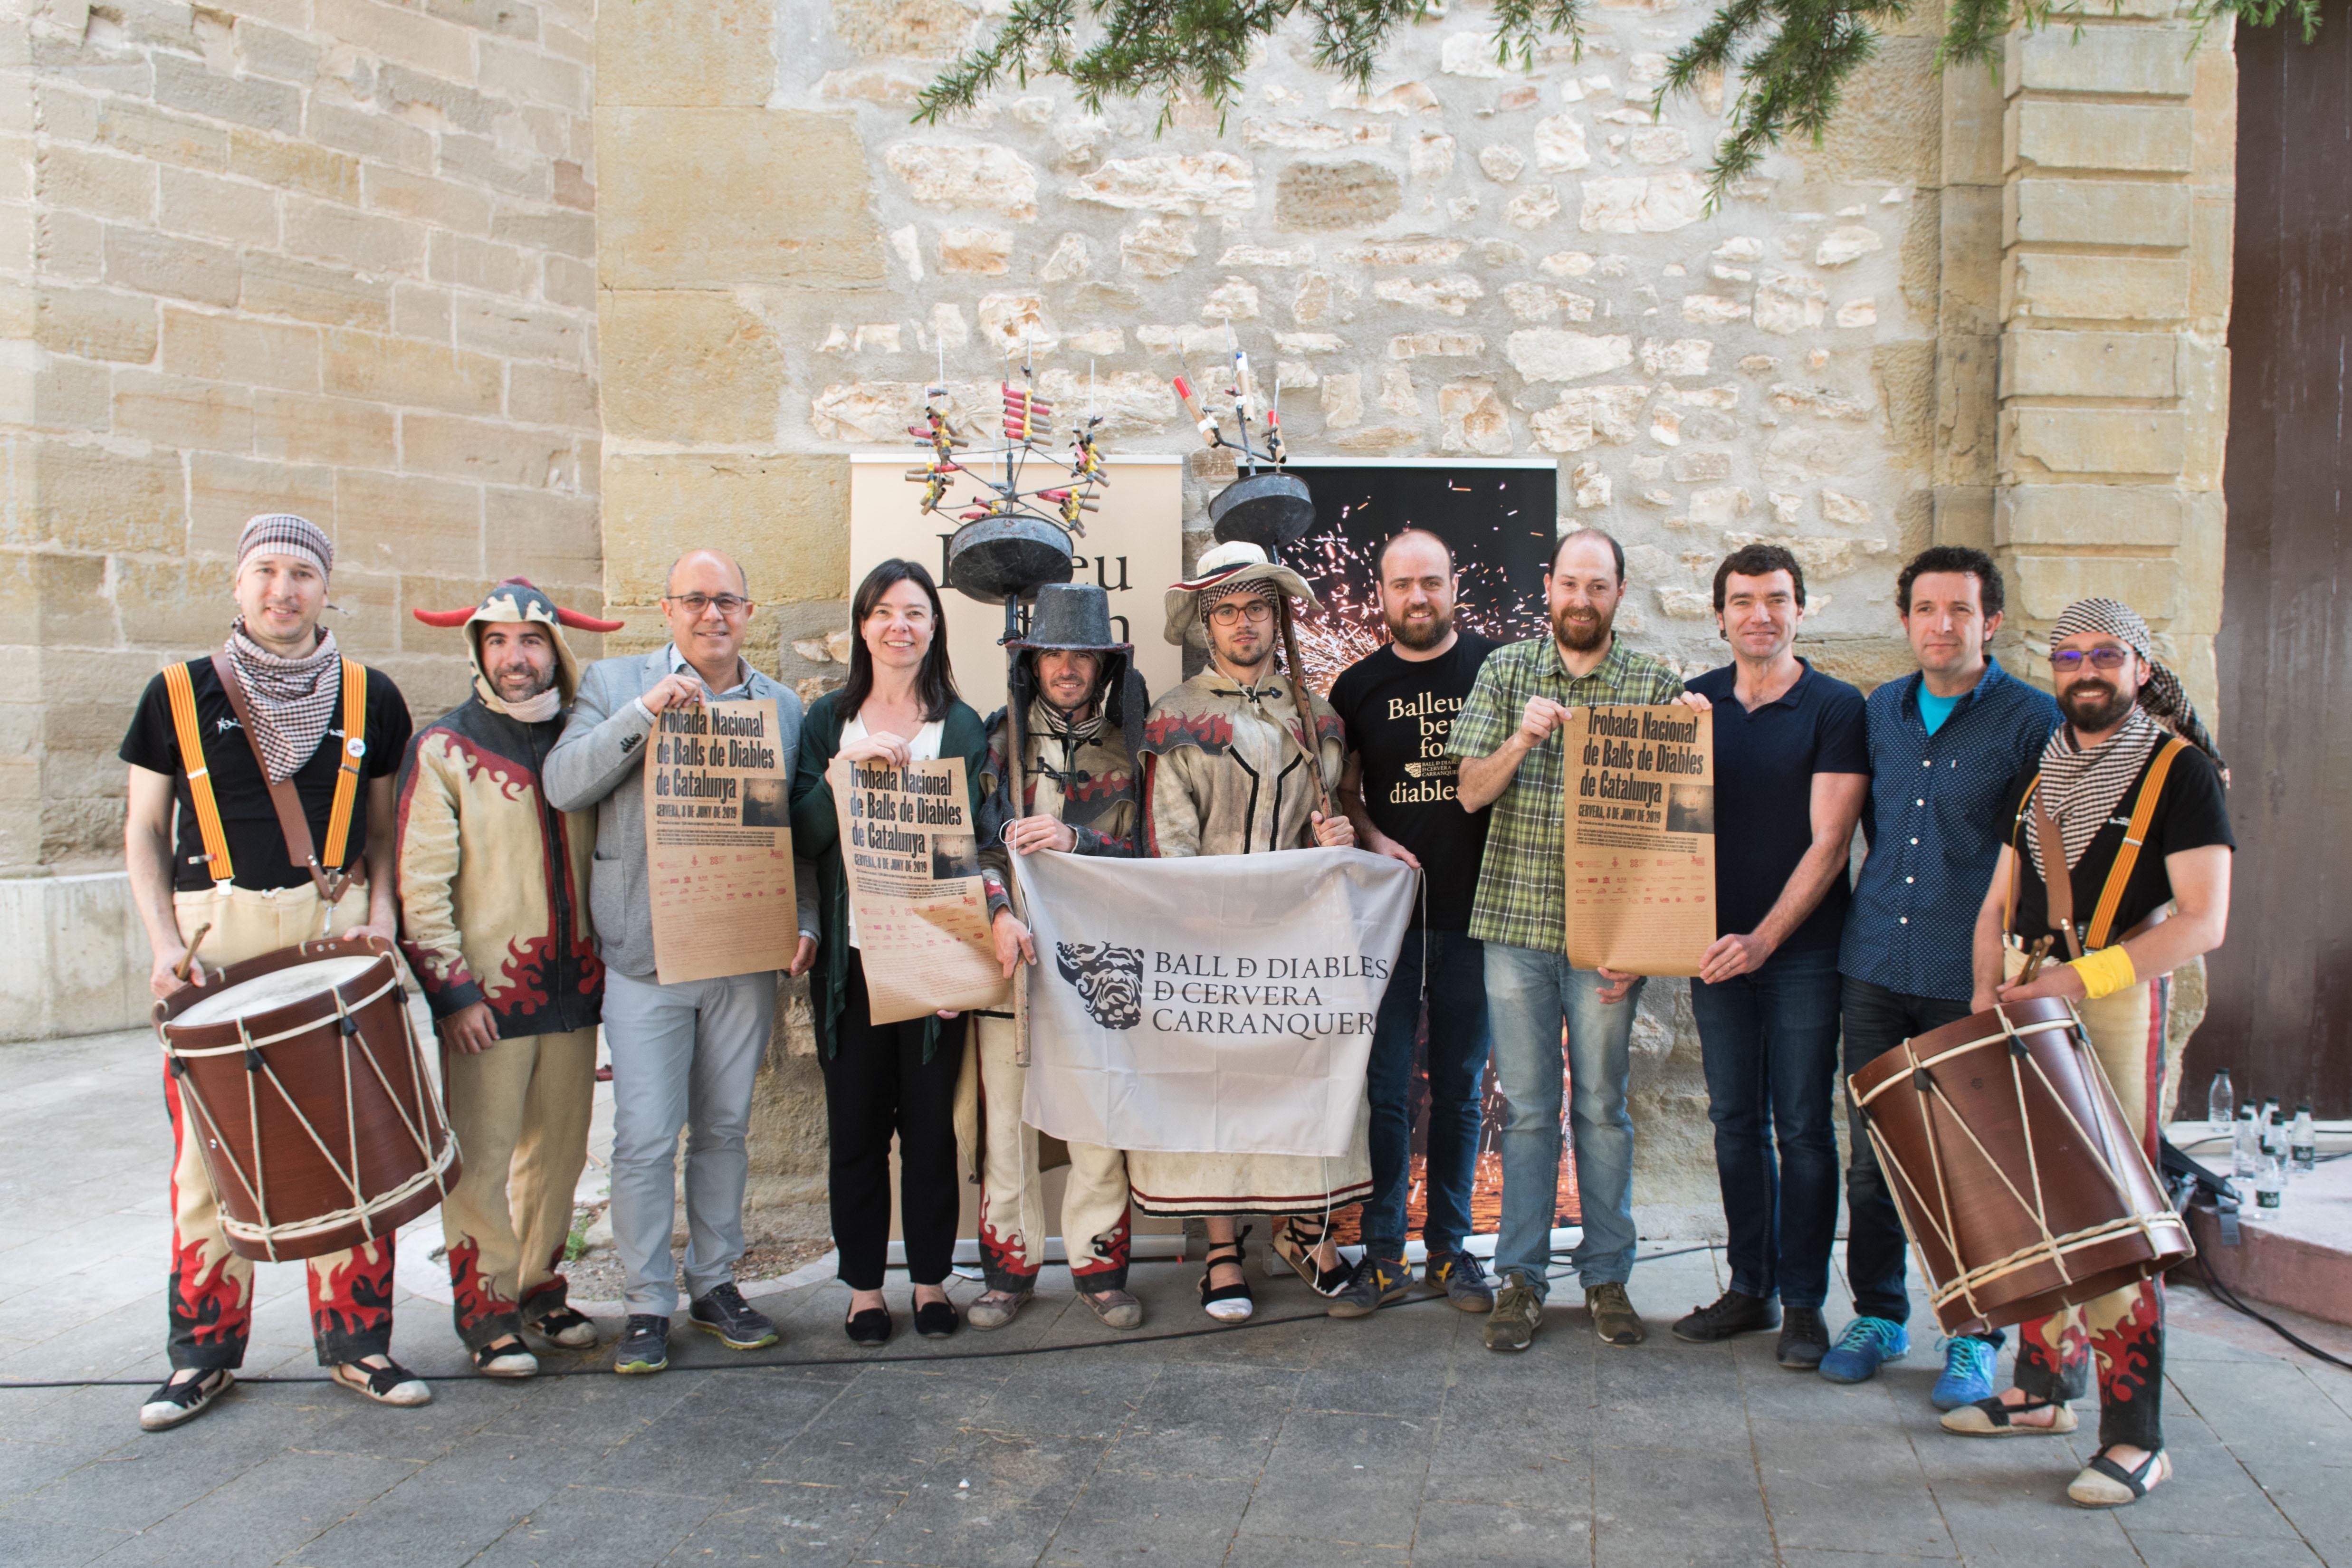 La Trobada Nacional de Balls de Diables i la mostra de microtreatre 'A Pèl', activitats destacades del mes de juny a Cervera Capital de la Cultura Catalana 2019